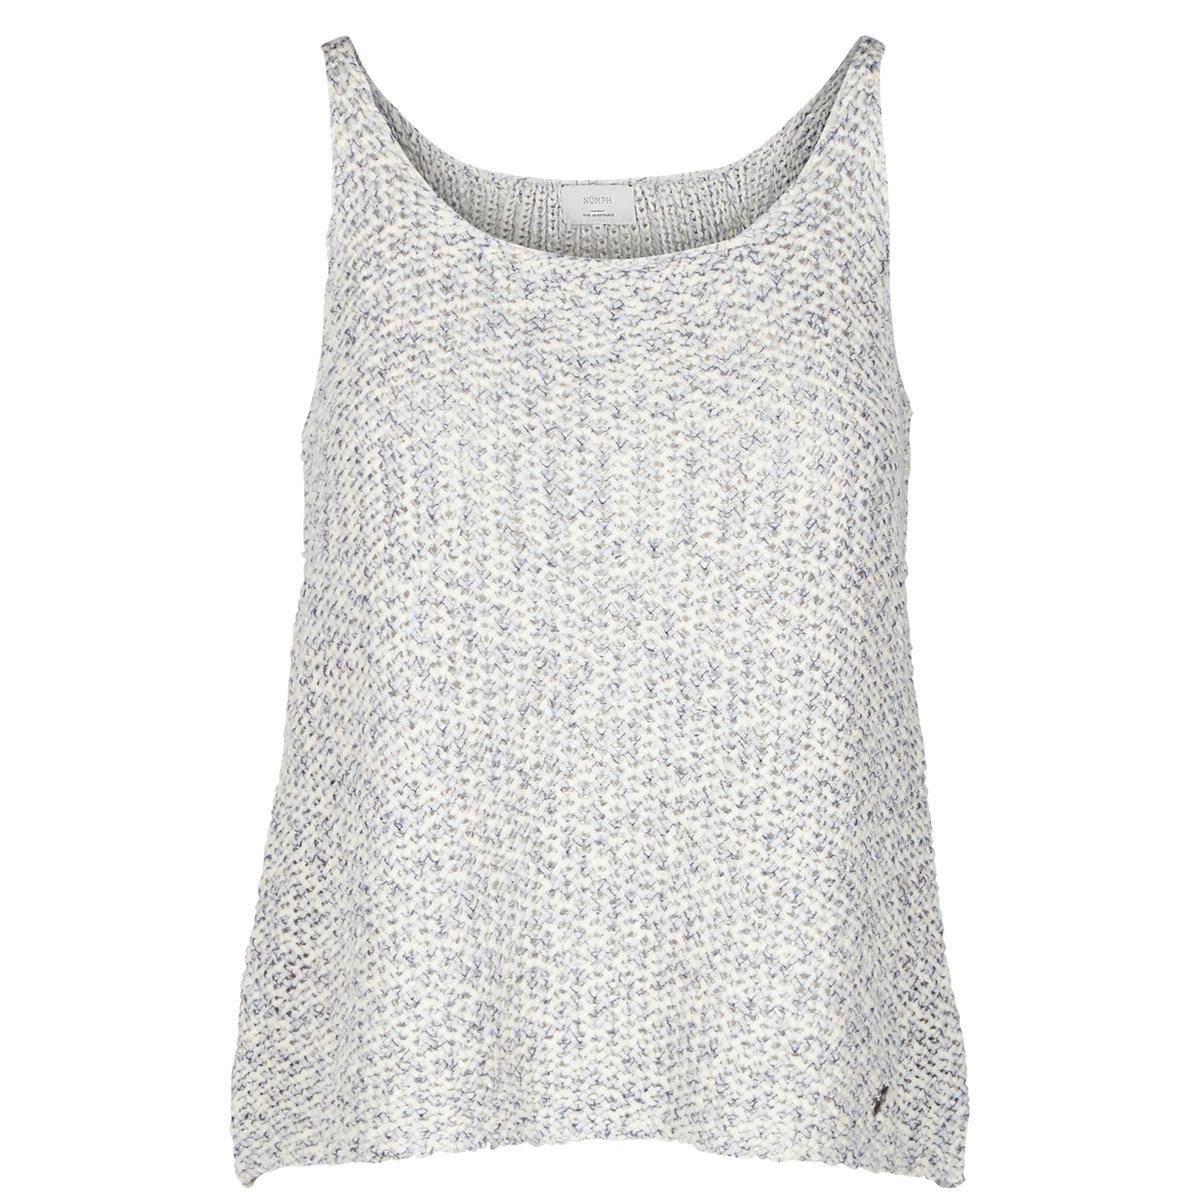 Пуловер без рукавовДетали   •  Пуловер классический  •  Без рукавов  •   V-образный вырез  •  Тонкий трикотаж Состав и уход  •  74% хлопка, 26% полиэстера  • Просьба следовать советам по уходу, указанным на этикетке изделия<br><br>Цвет: небесно-голубой<br>Размер: M.L